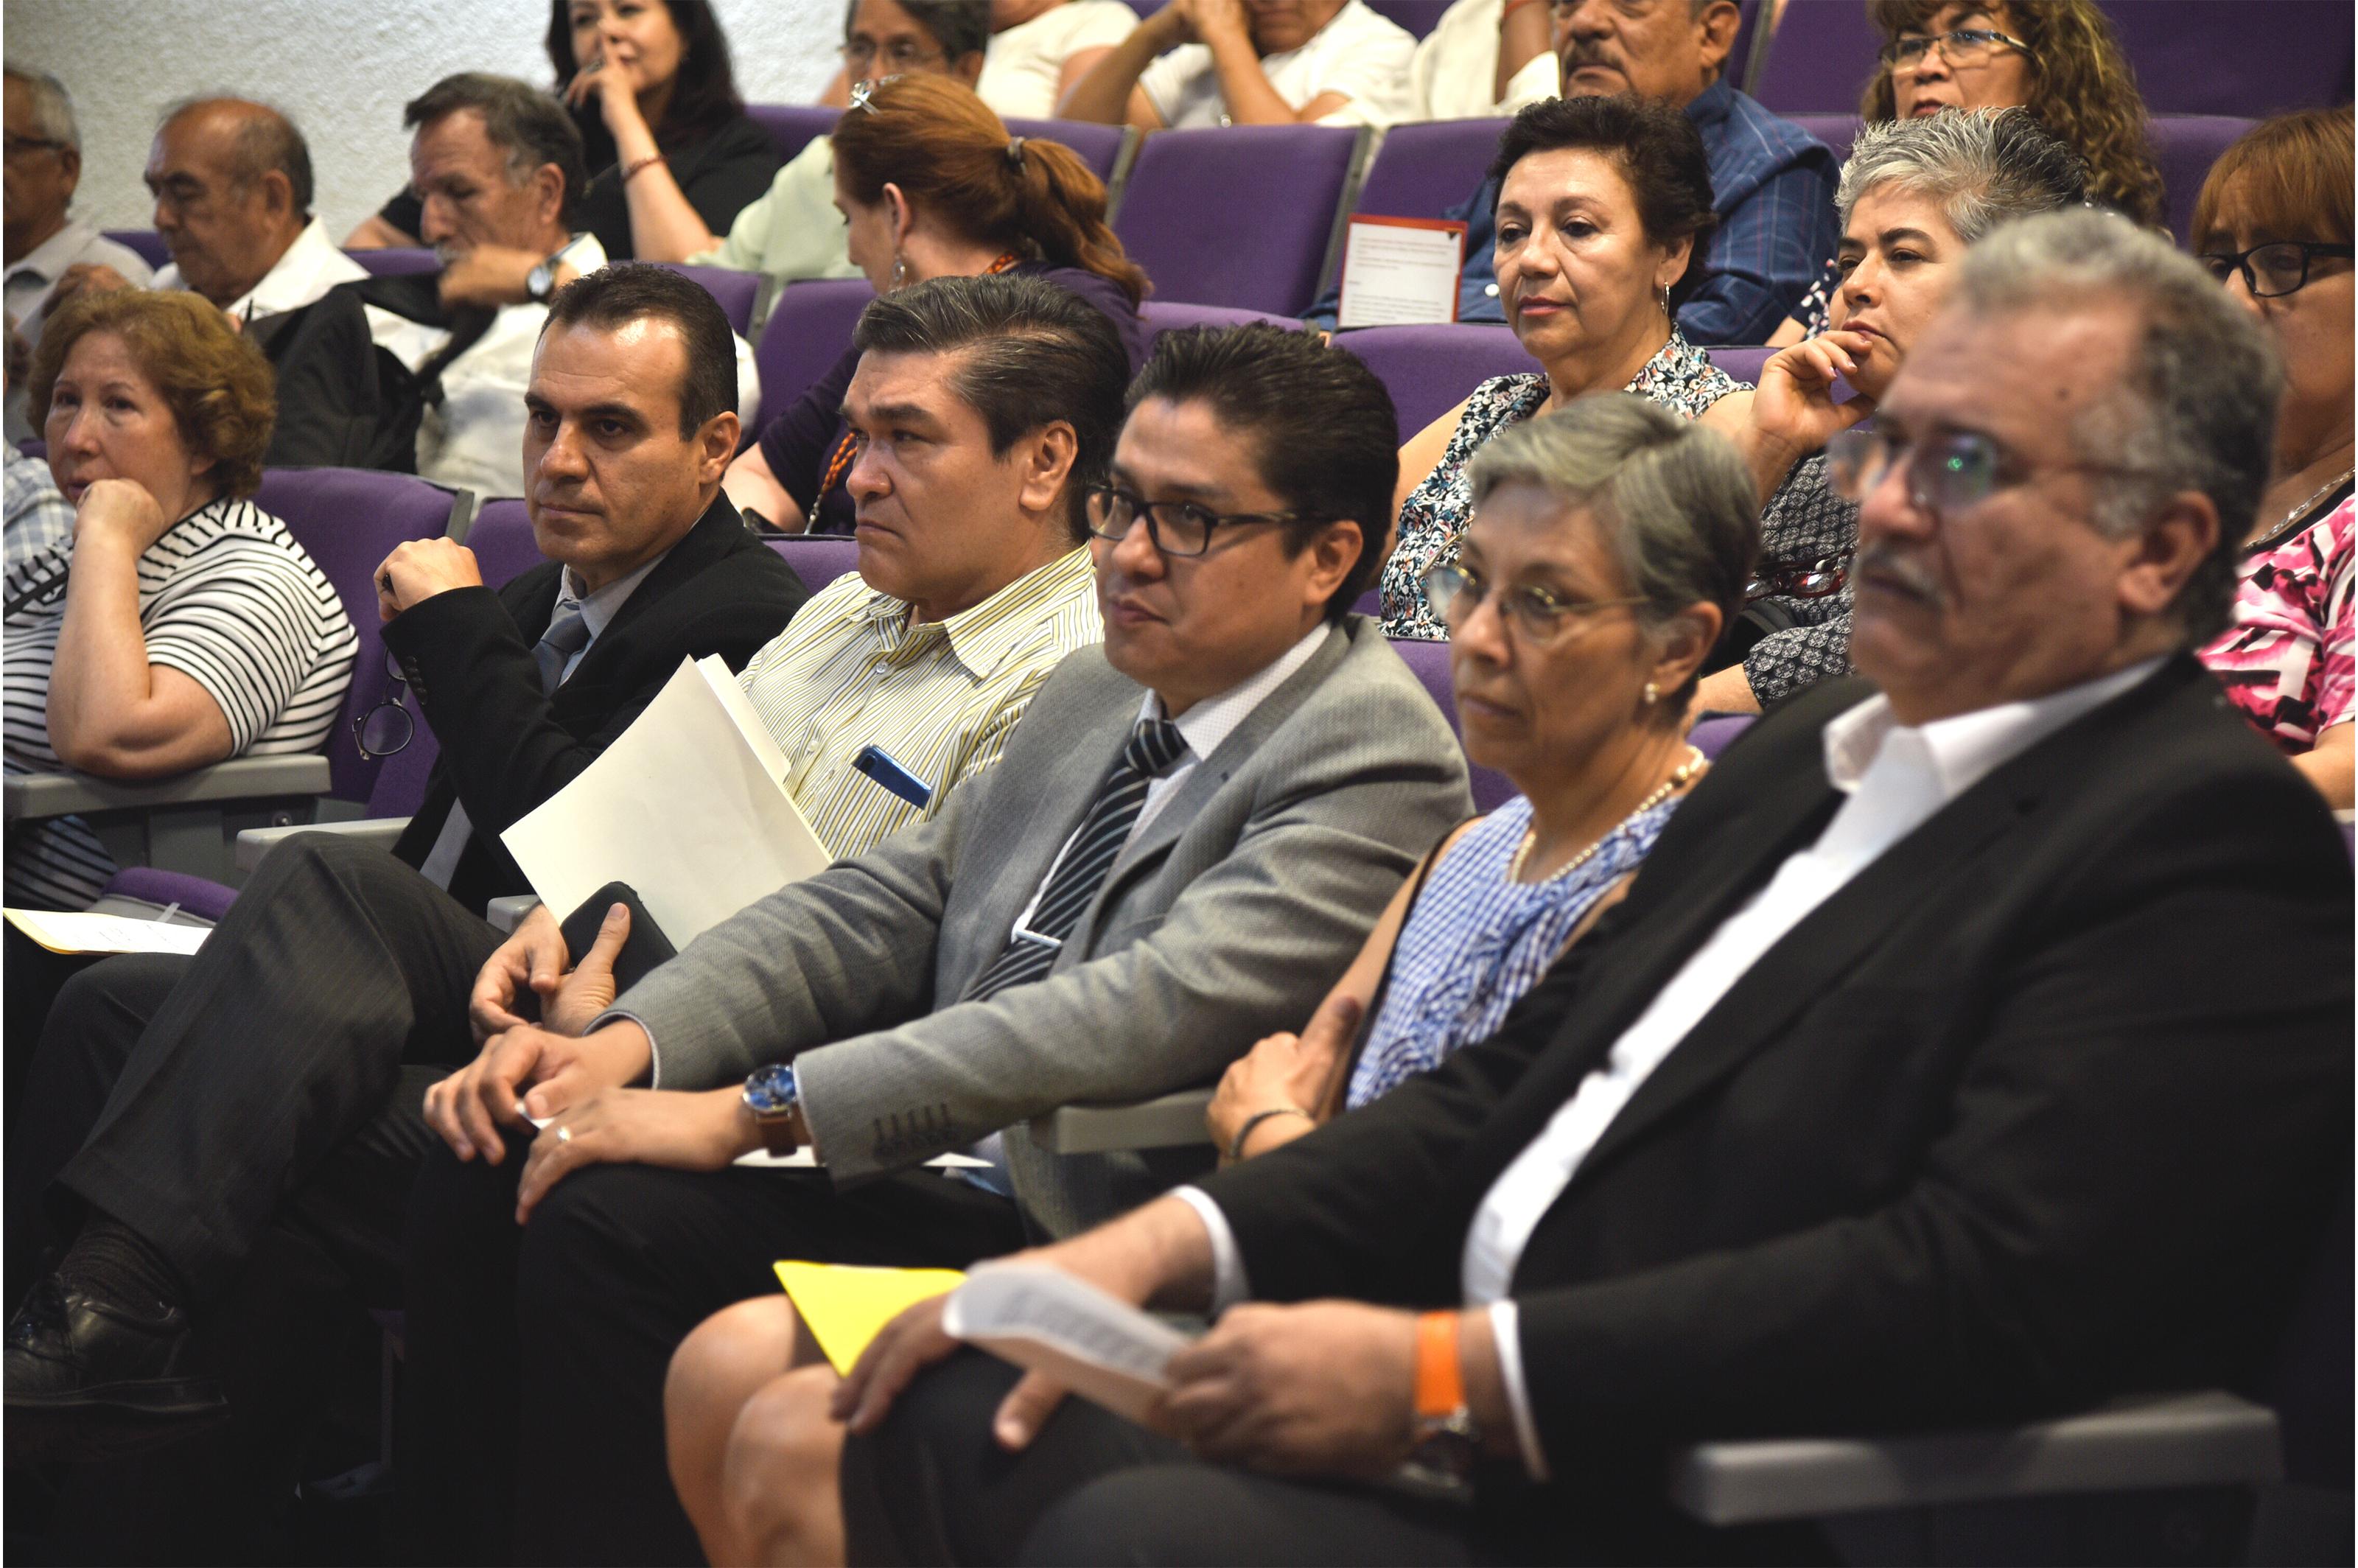 Rector del CUCS como asistente al homenaje póstumo del Dr. Mercado